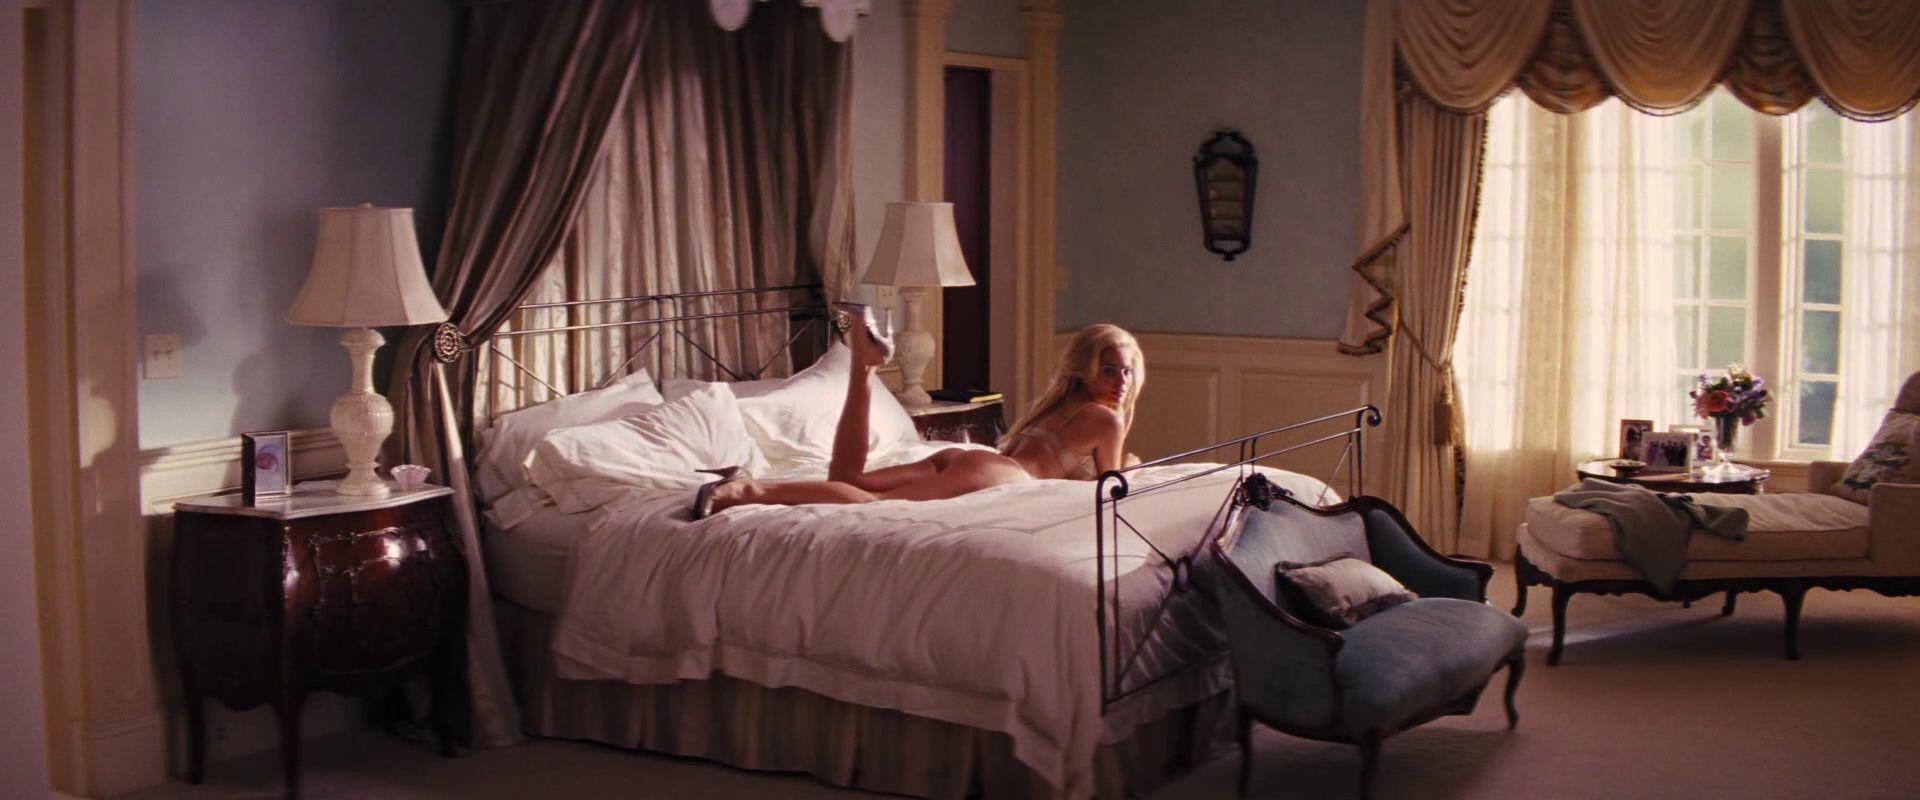 Margot Robbie sin ropa 1